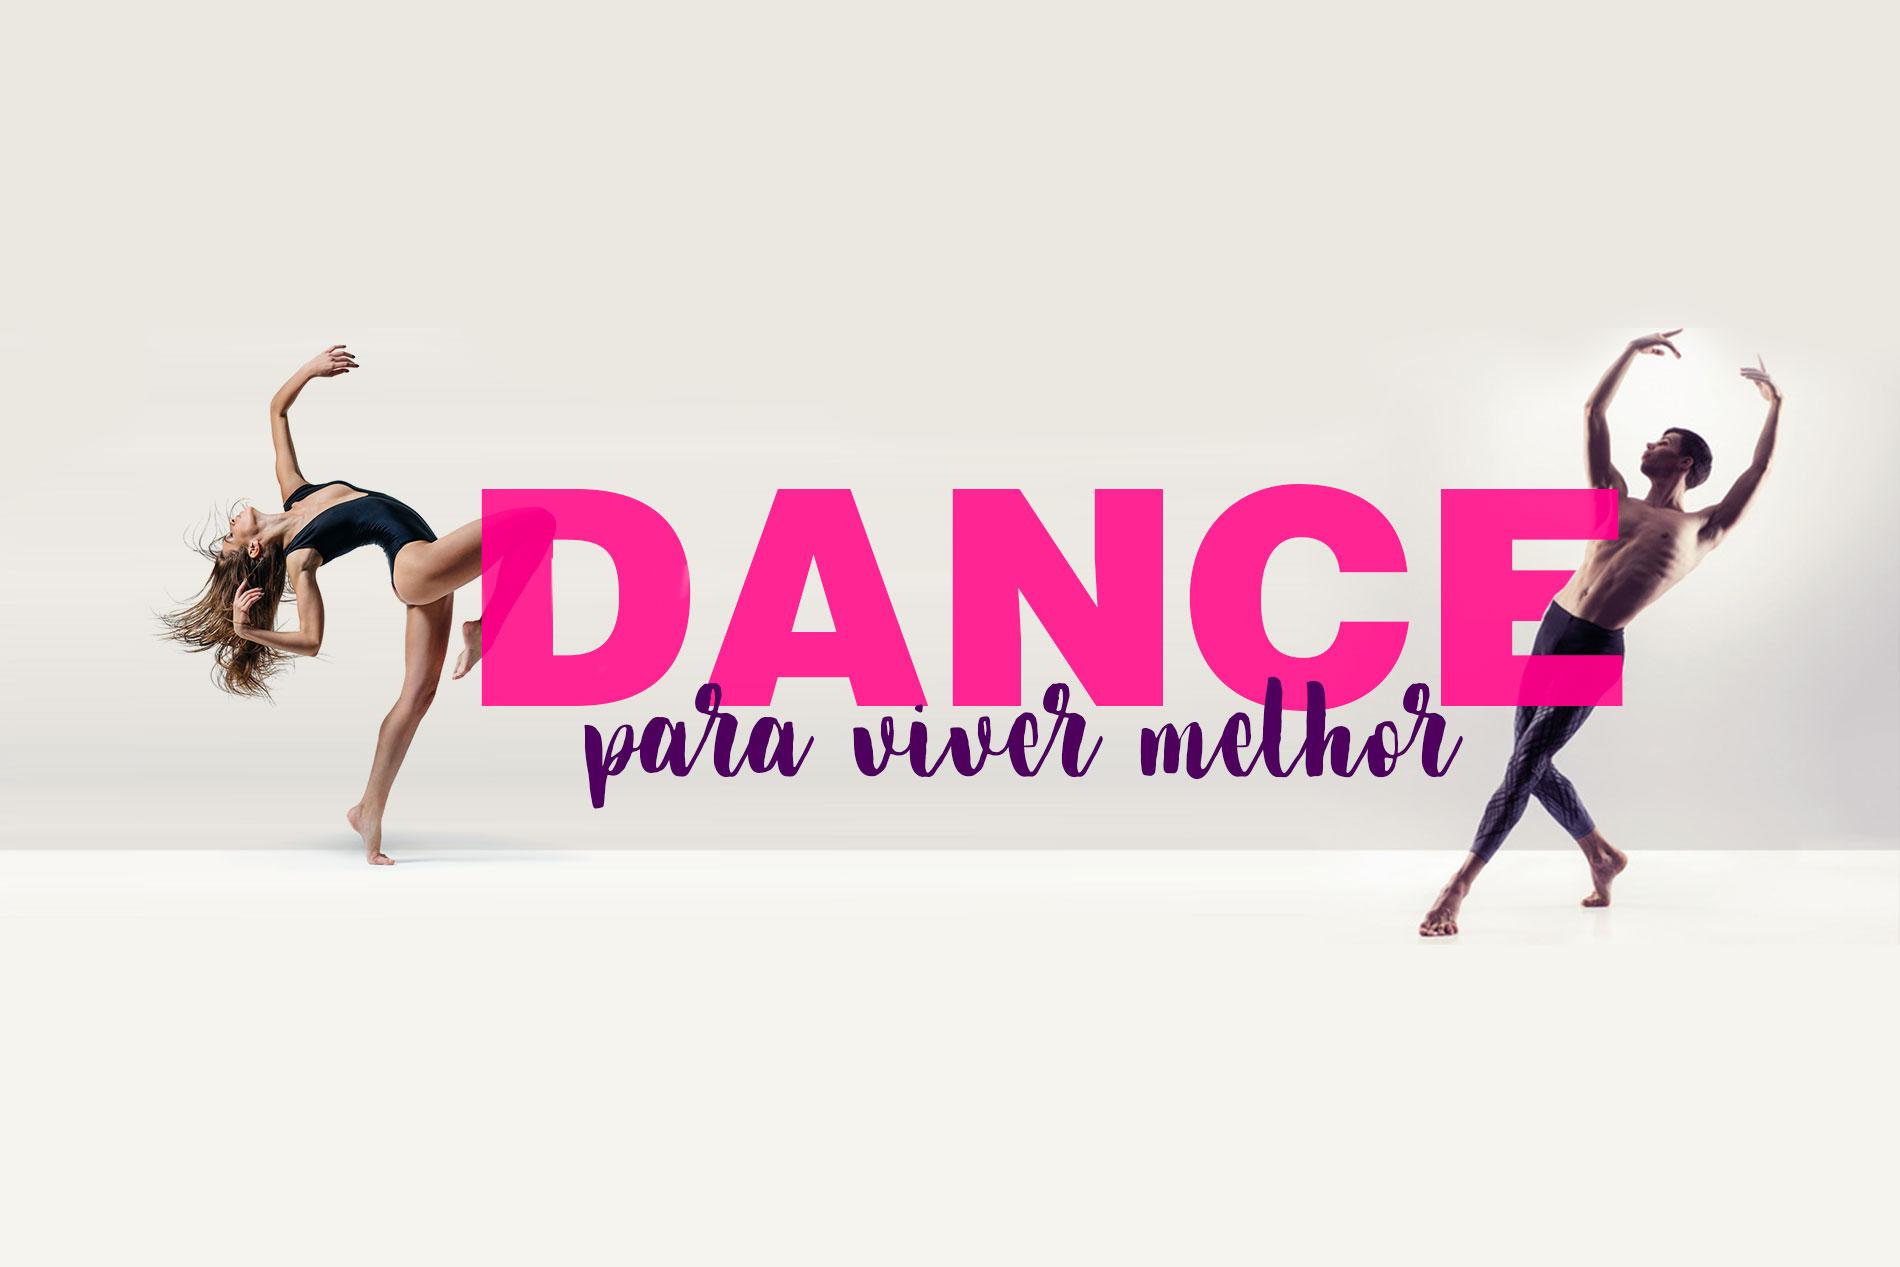 19001267-dance